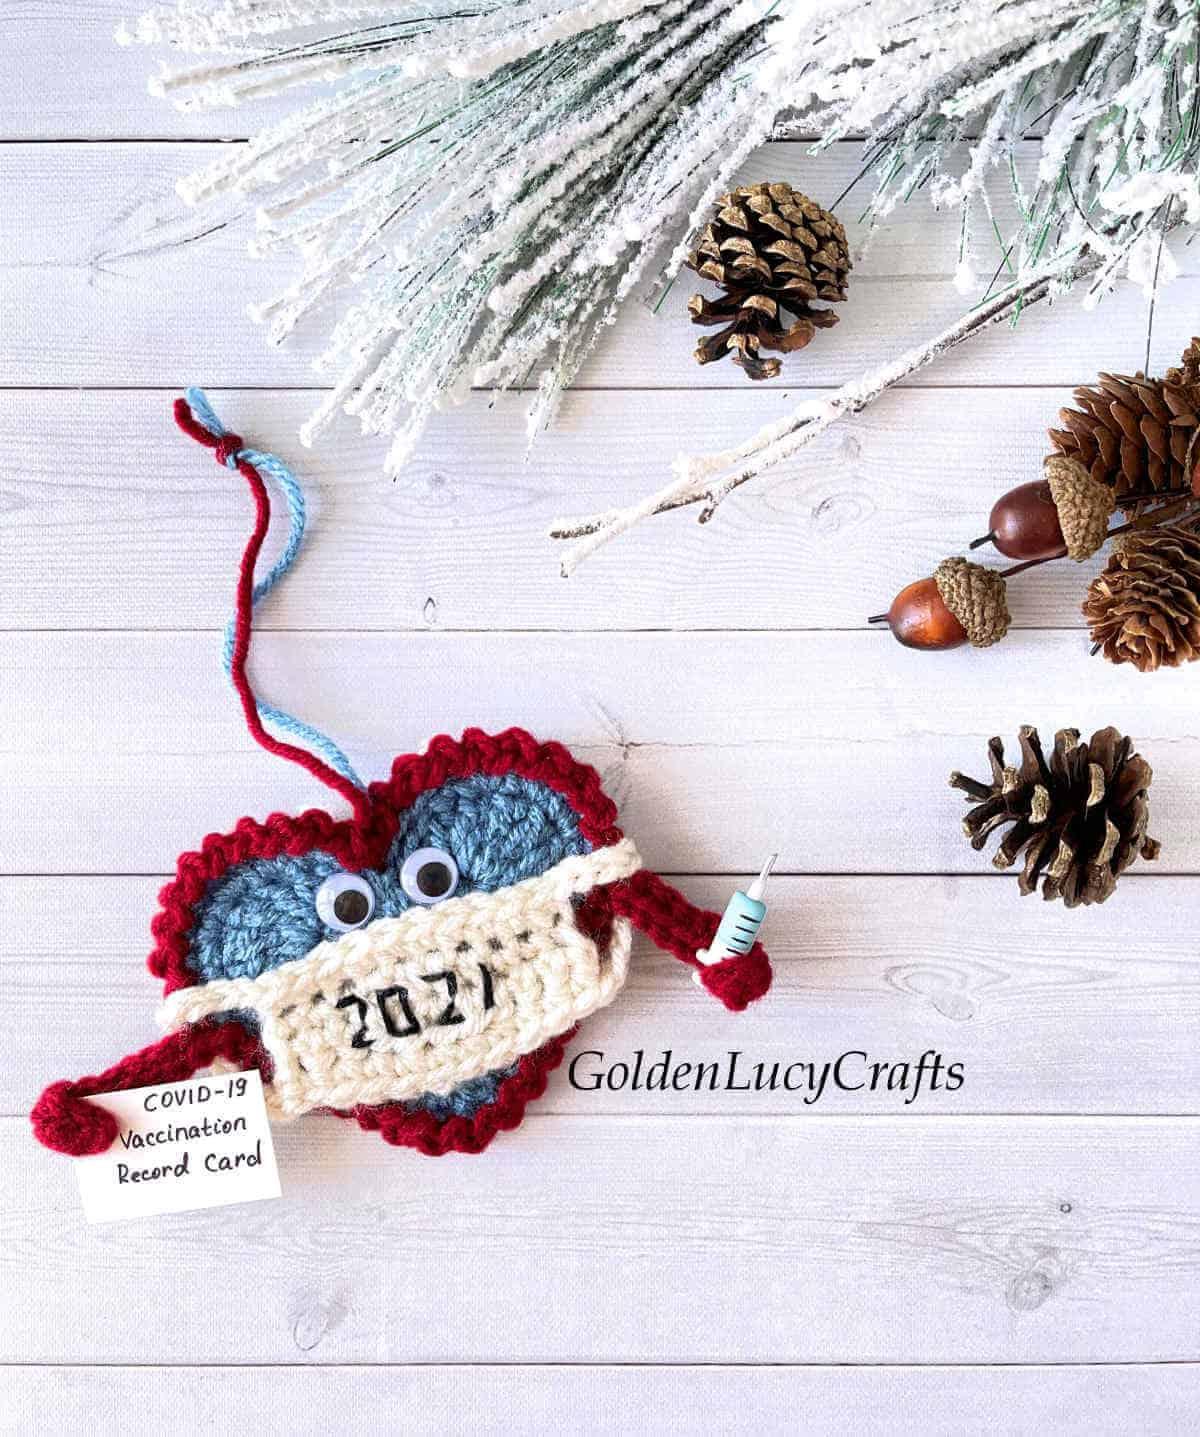 Enfeites de Natal 2021 de crochê, pinhas, bolotas e galho de árvore de Natal ao fundo.